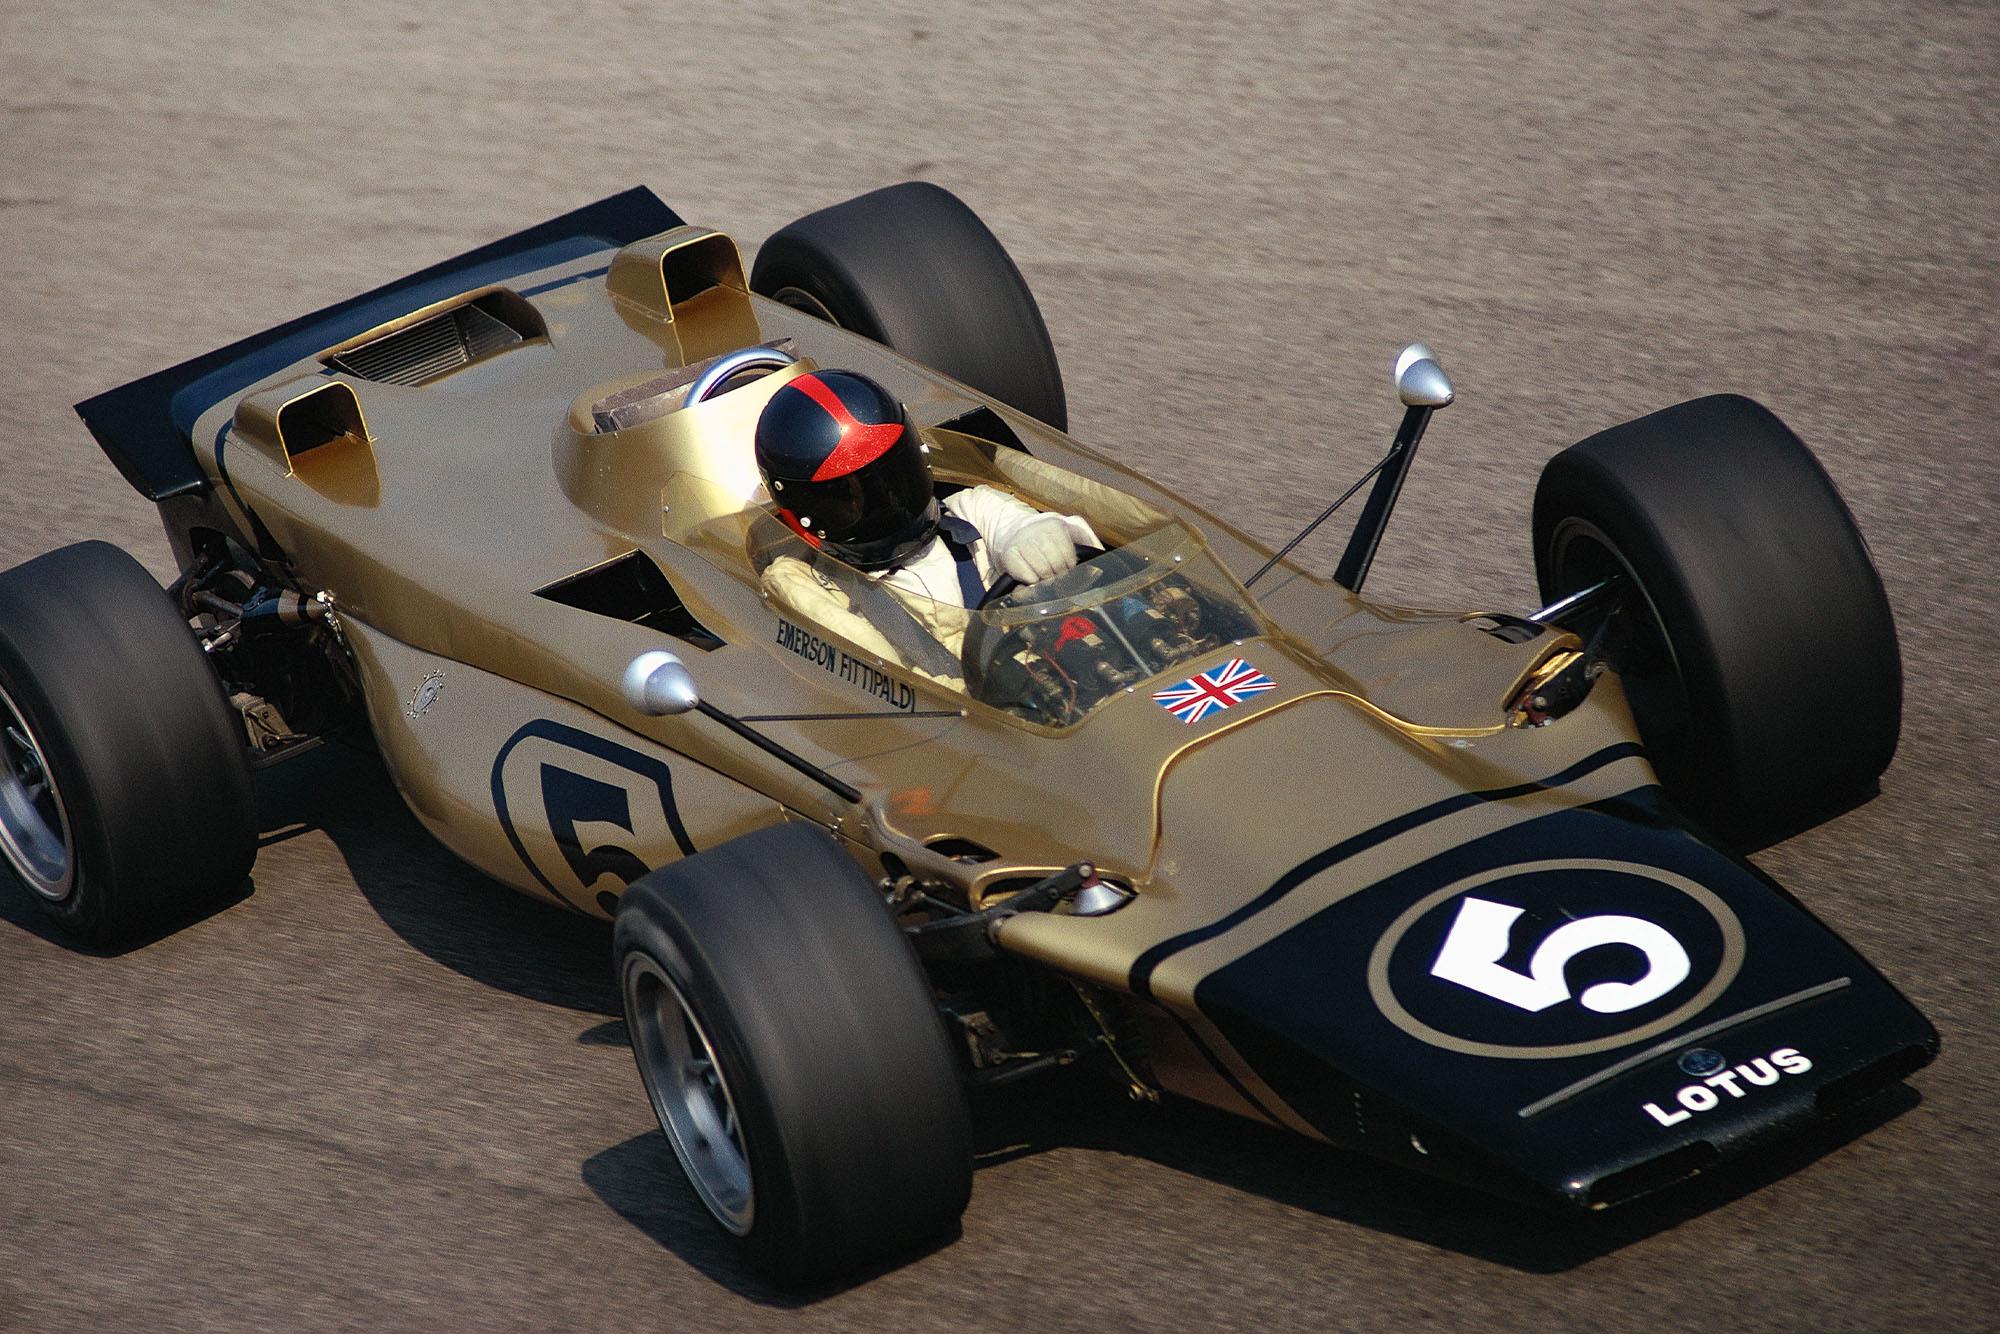 Emerson Fittipaldi driving the Lotus 56B turbine car at the 1971 Italian Grand Prix.